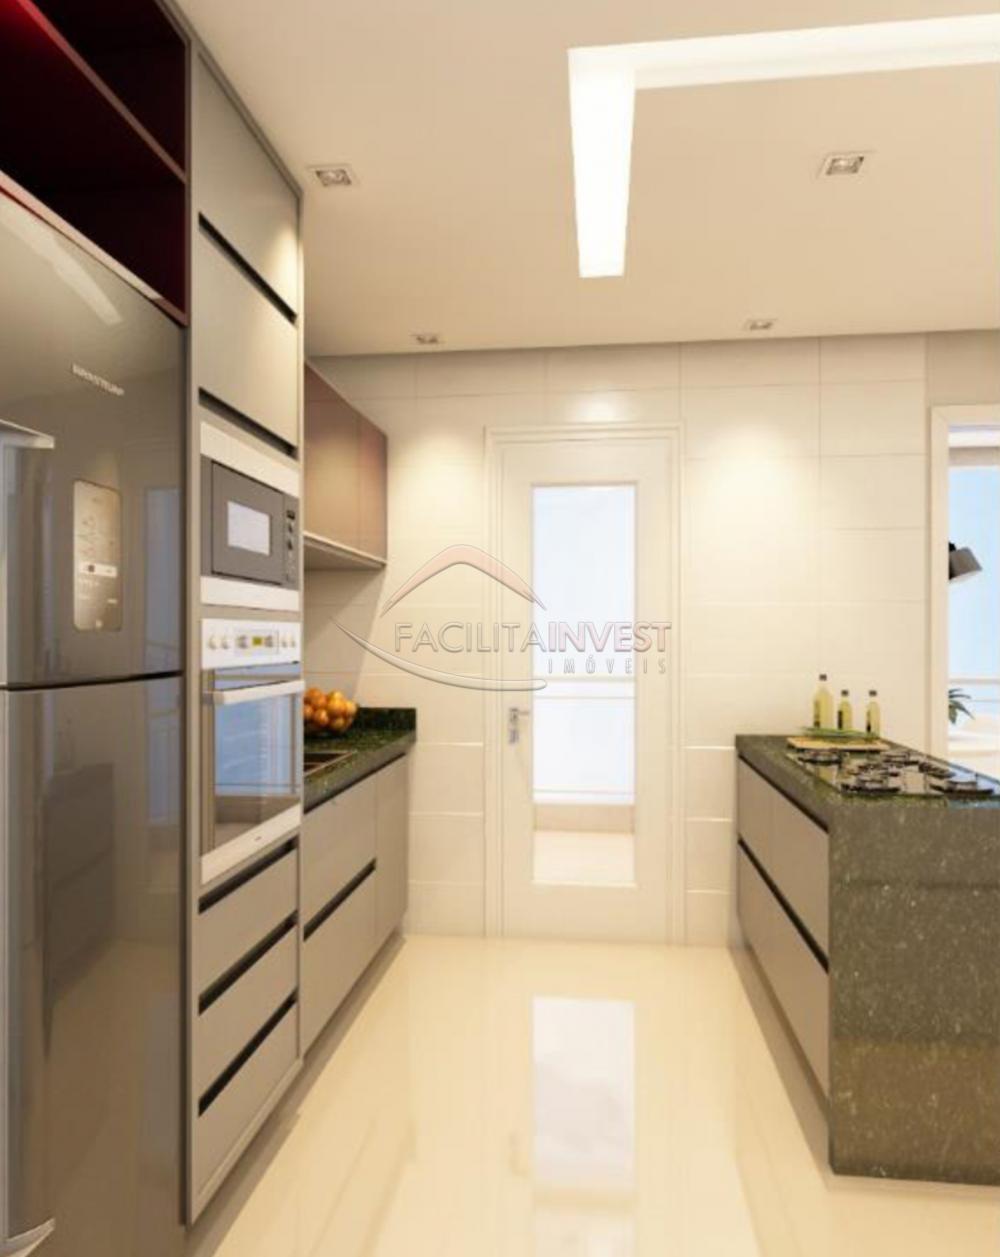 Comprar Lançamentos/ Empreendimentos em Construç / Apartamento padrão - Lançamento em Ribeirão Preto apenas R$ 602.103,00 - Foto 2